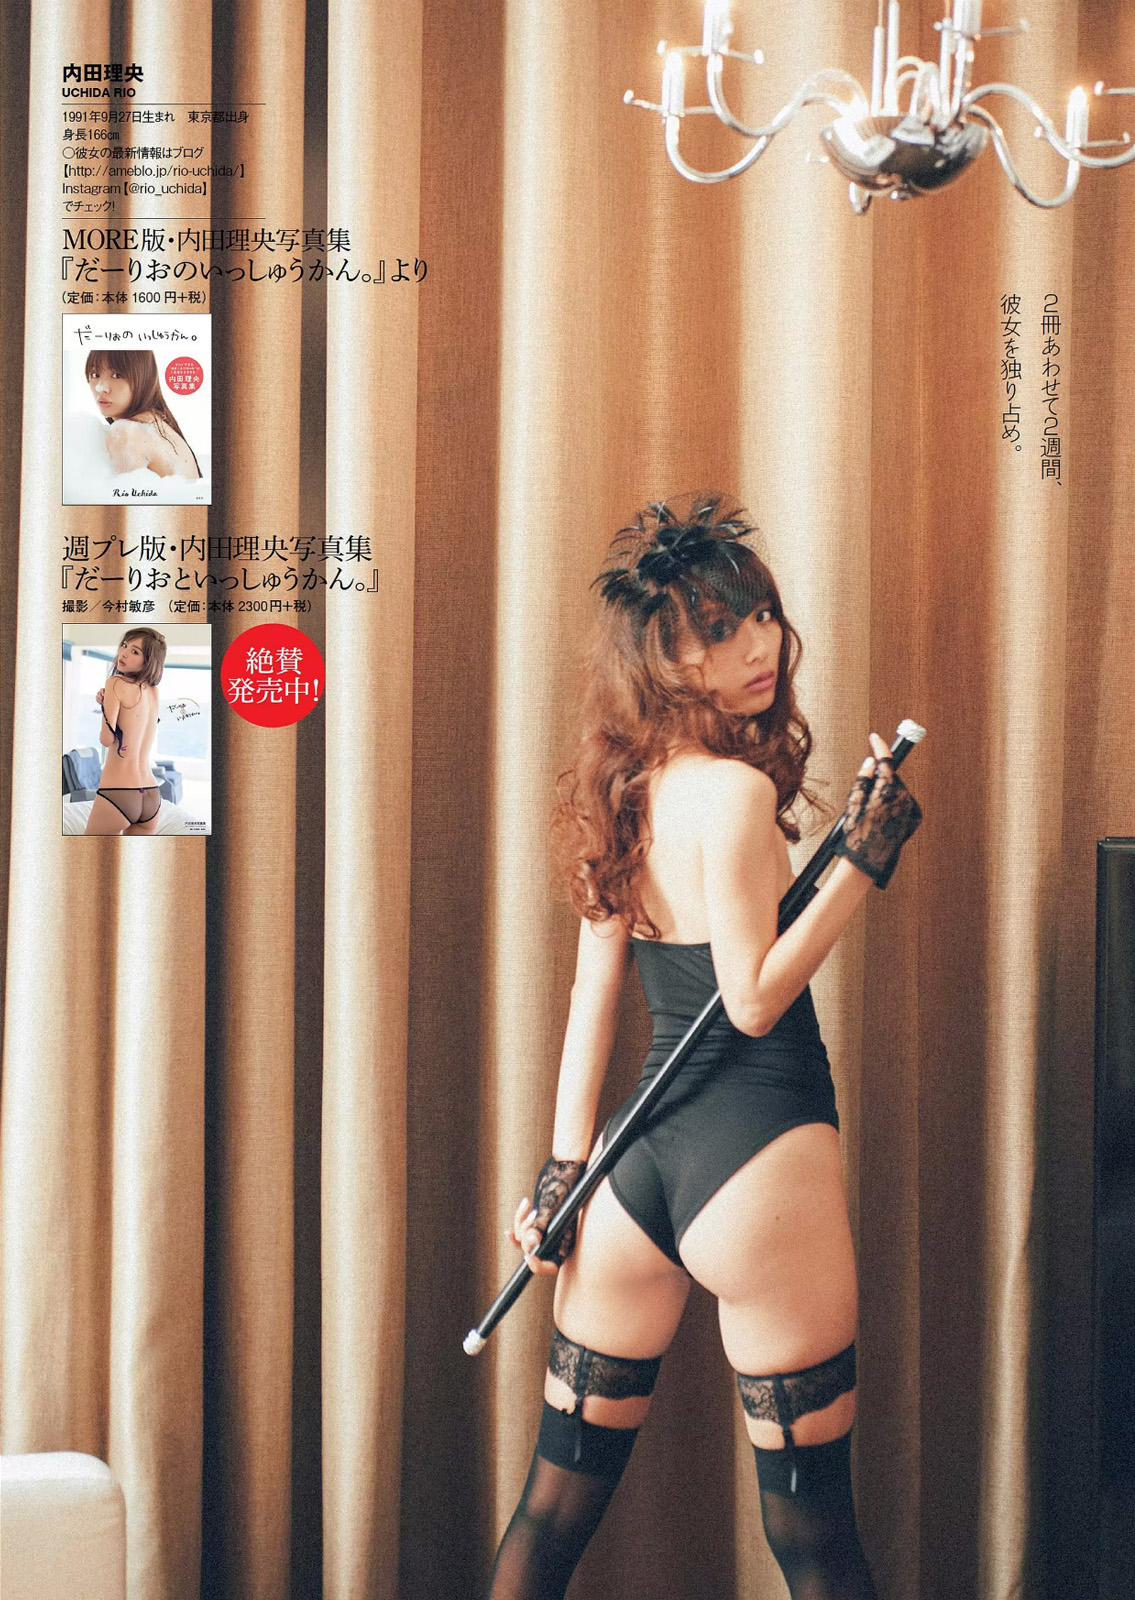 アイコラかと思うほどエロいだーりおこと内田理央ちゃんのセミヌードがクッソエロいwwwww(画像あり)・18枚目の画像